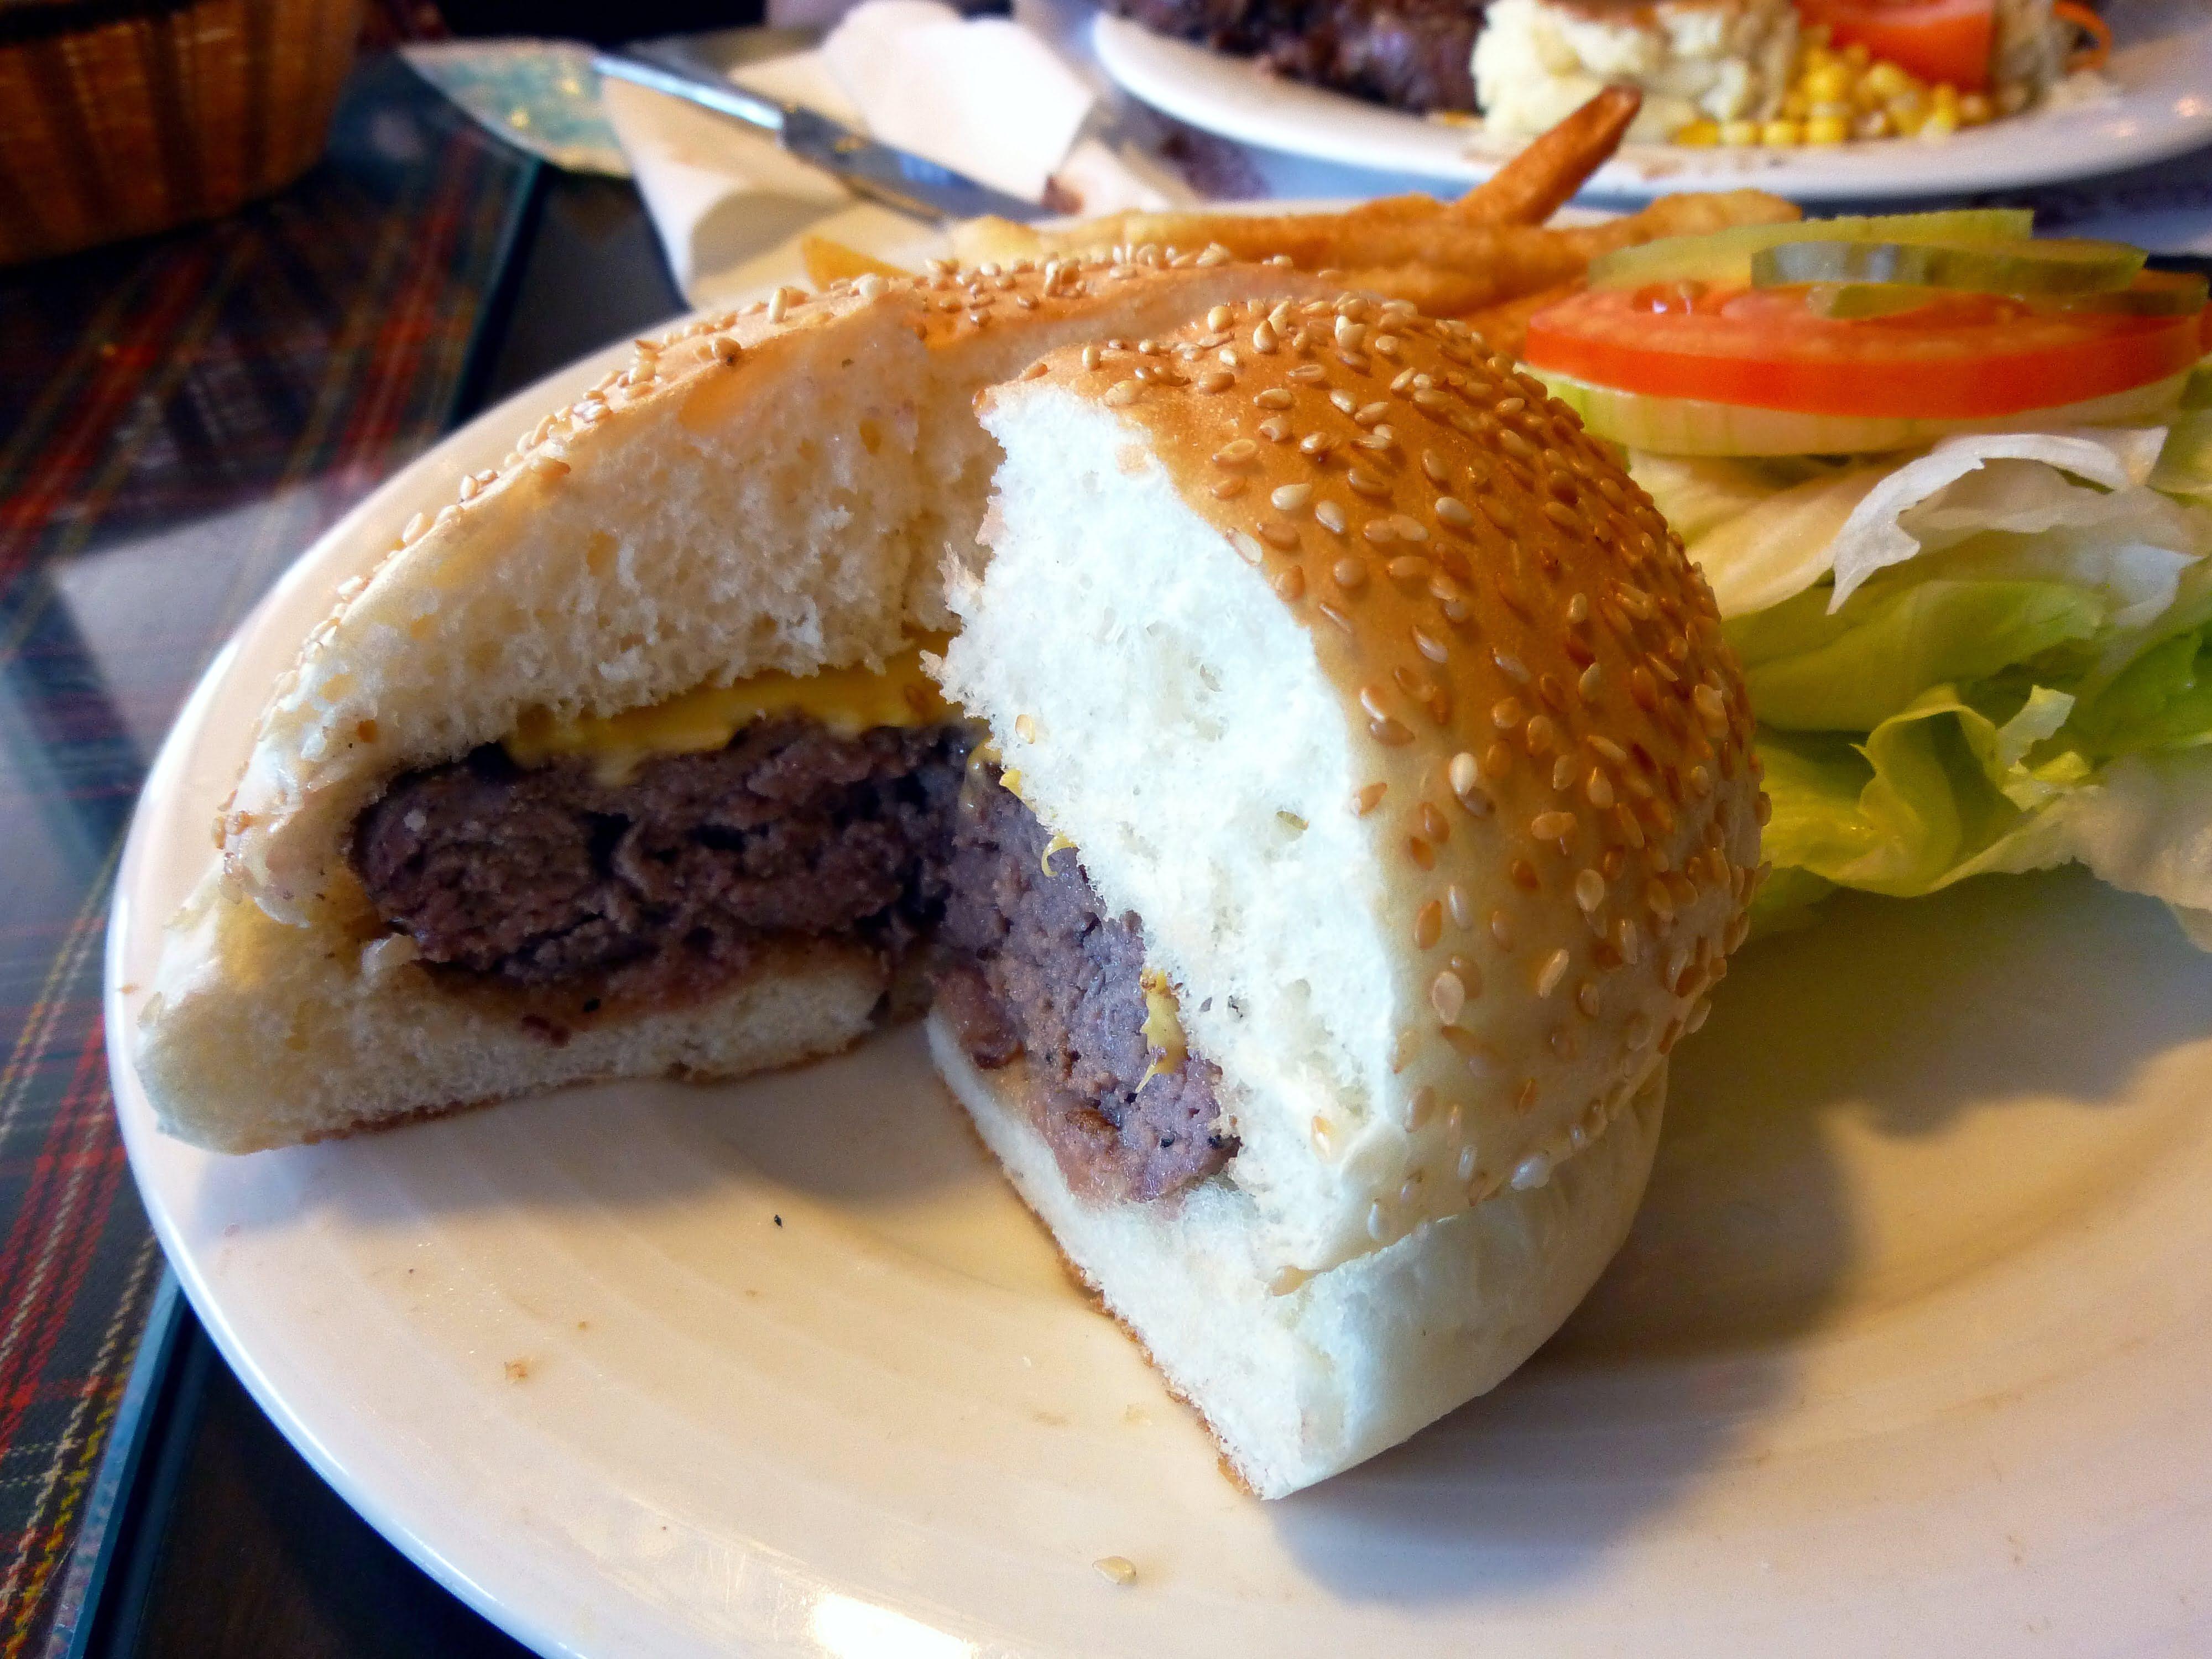 邊界驛站:漢堡剖面